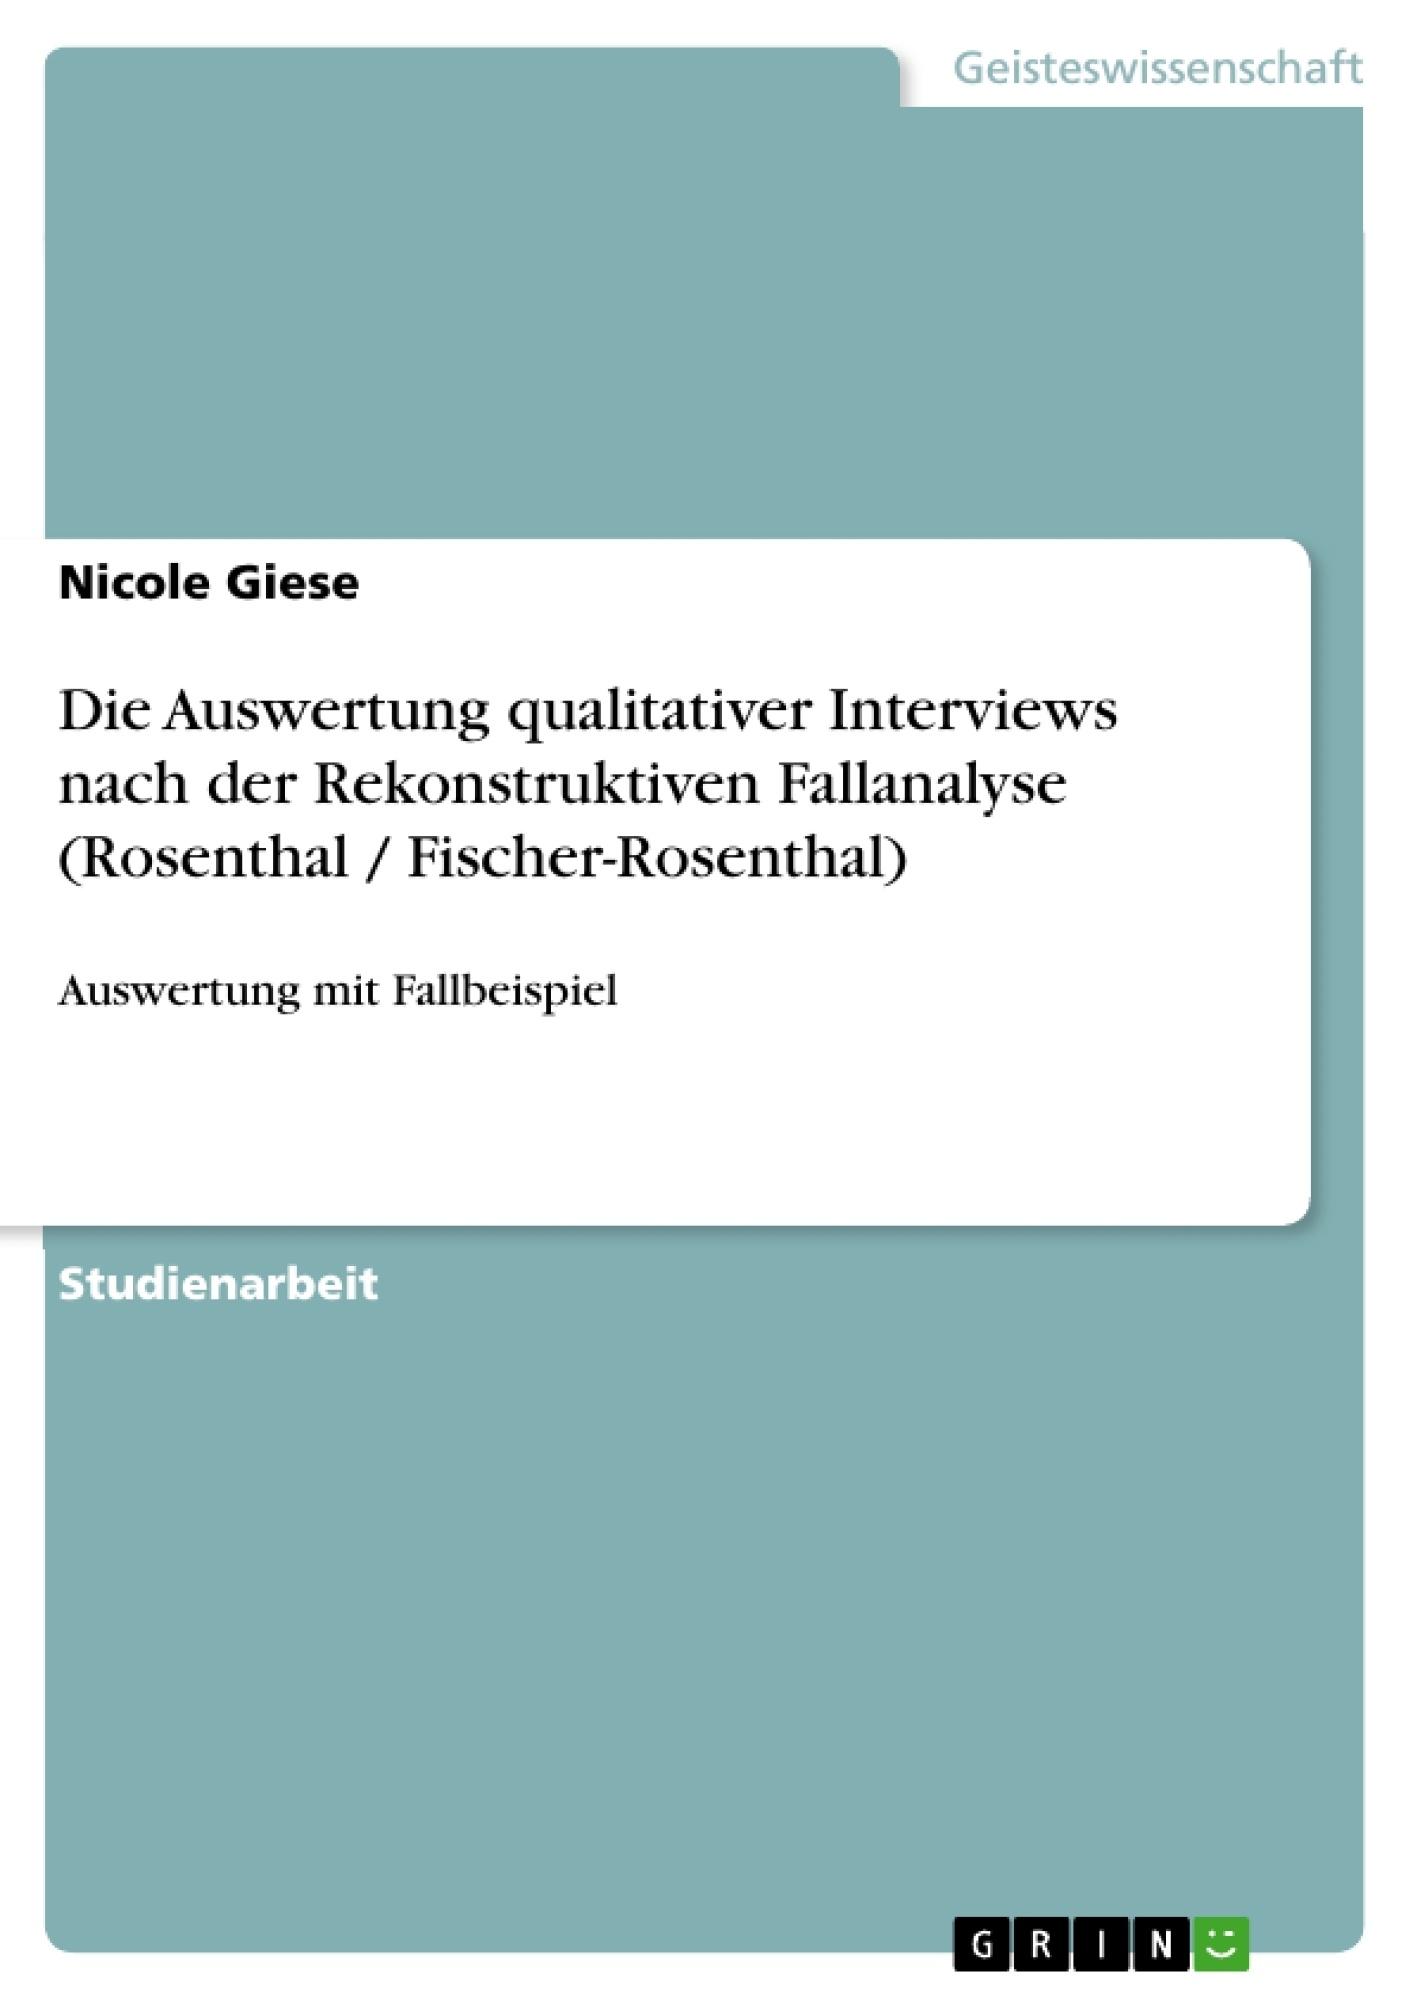 Titel: Die Auswertung qualitativer Interviews nach der Rekonstruktiven Fallanalyse (Rosenthal / Fischer-Rosenthal)